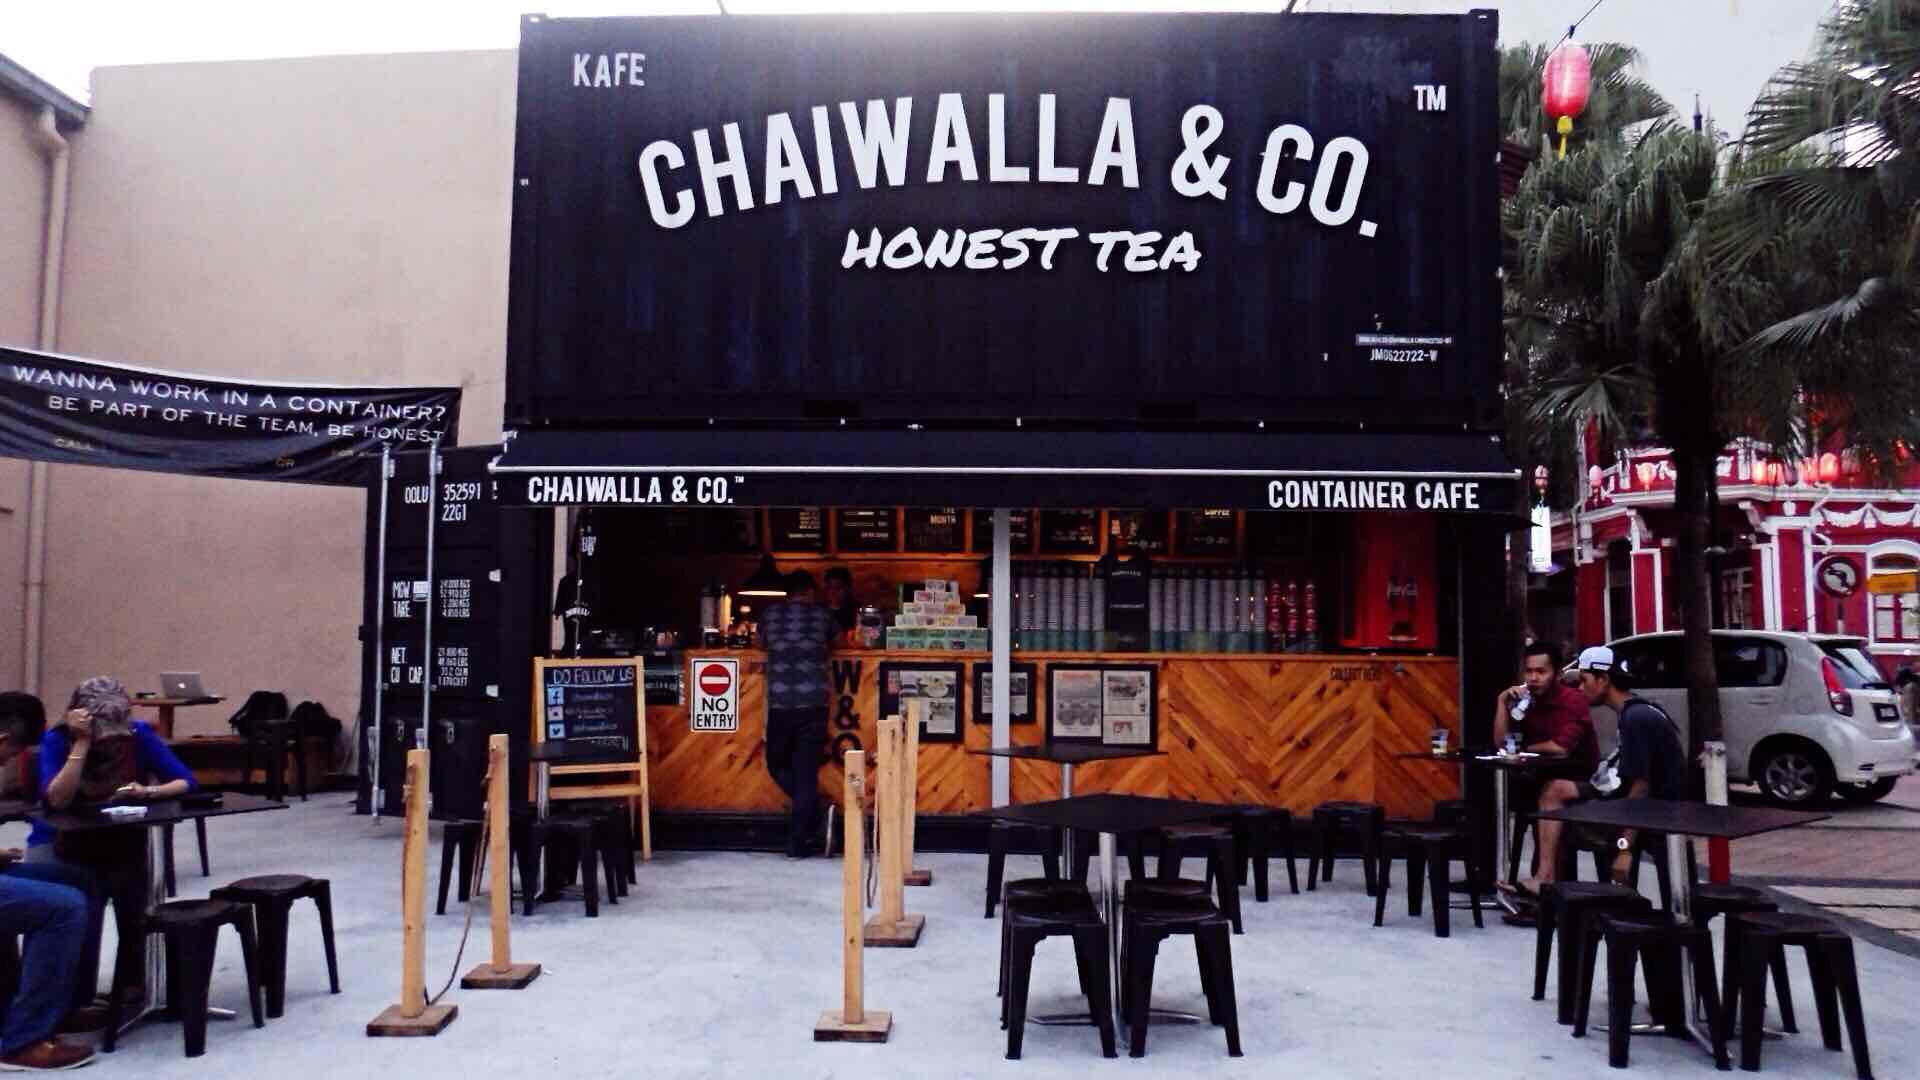 Chaiwalla & Co. Johor Bahru Malaysia - AspirantSG